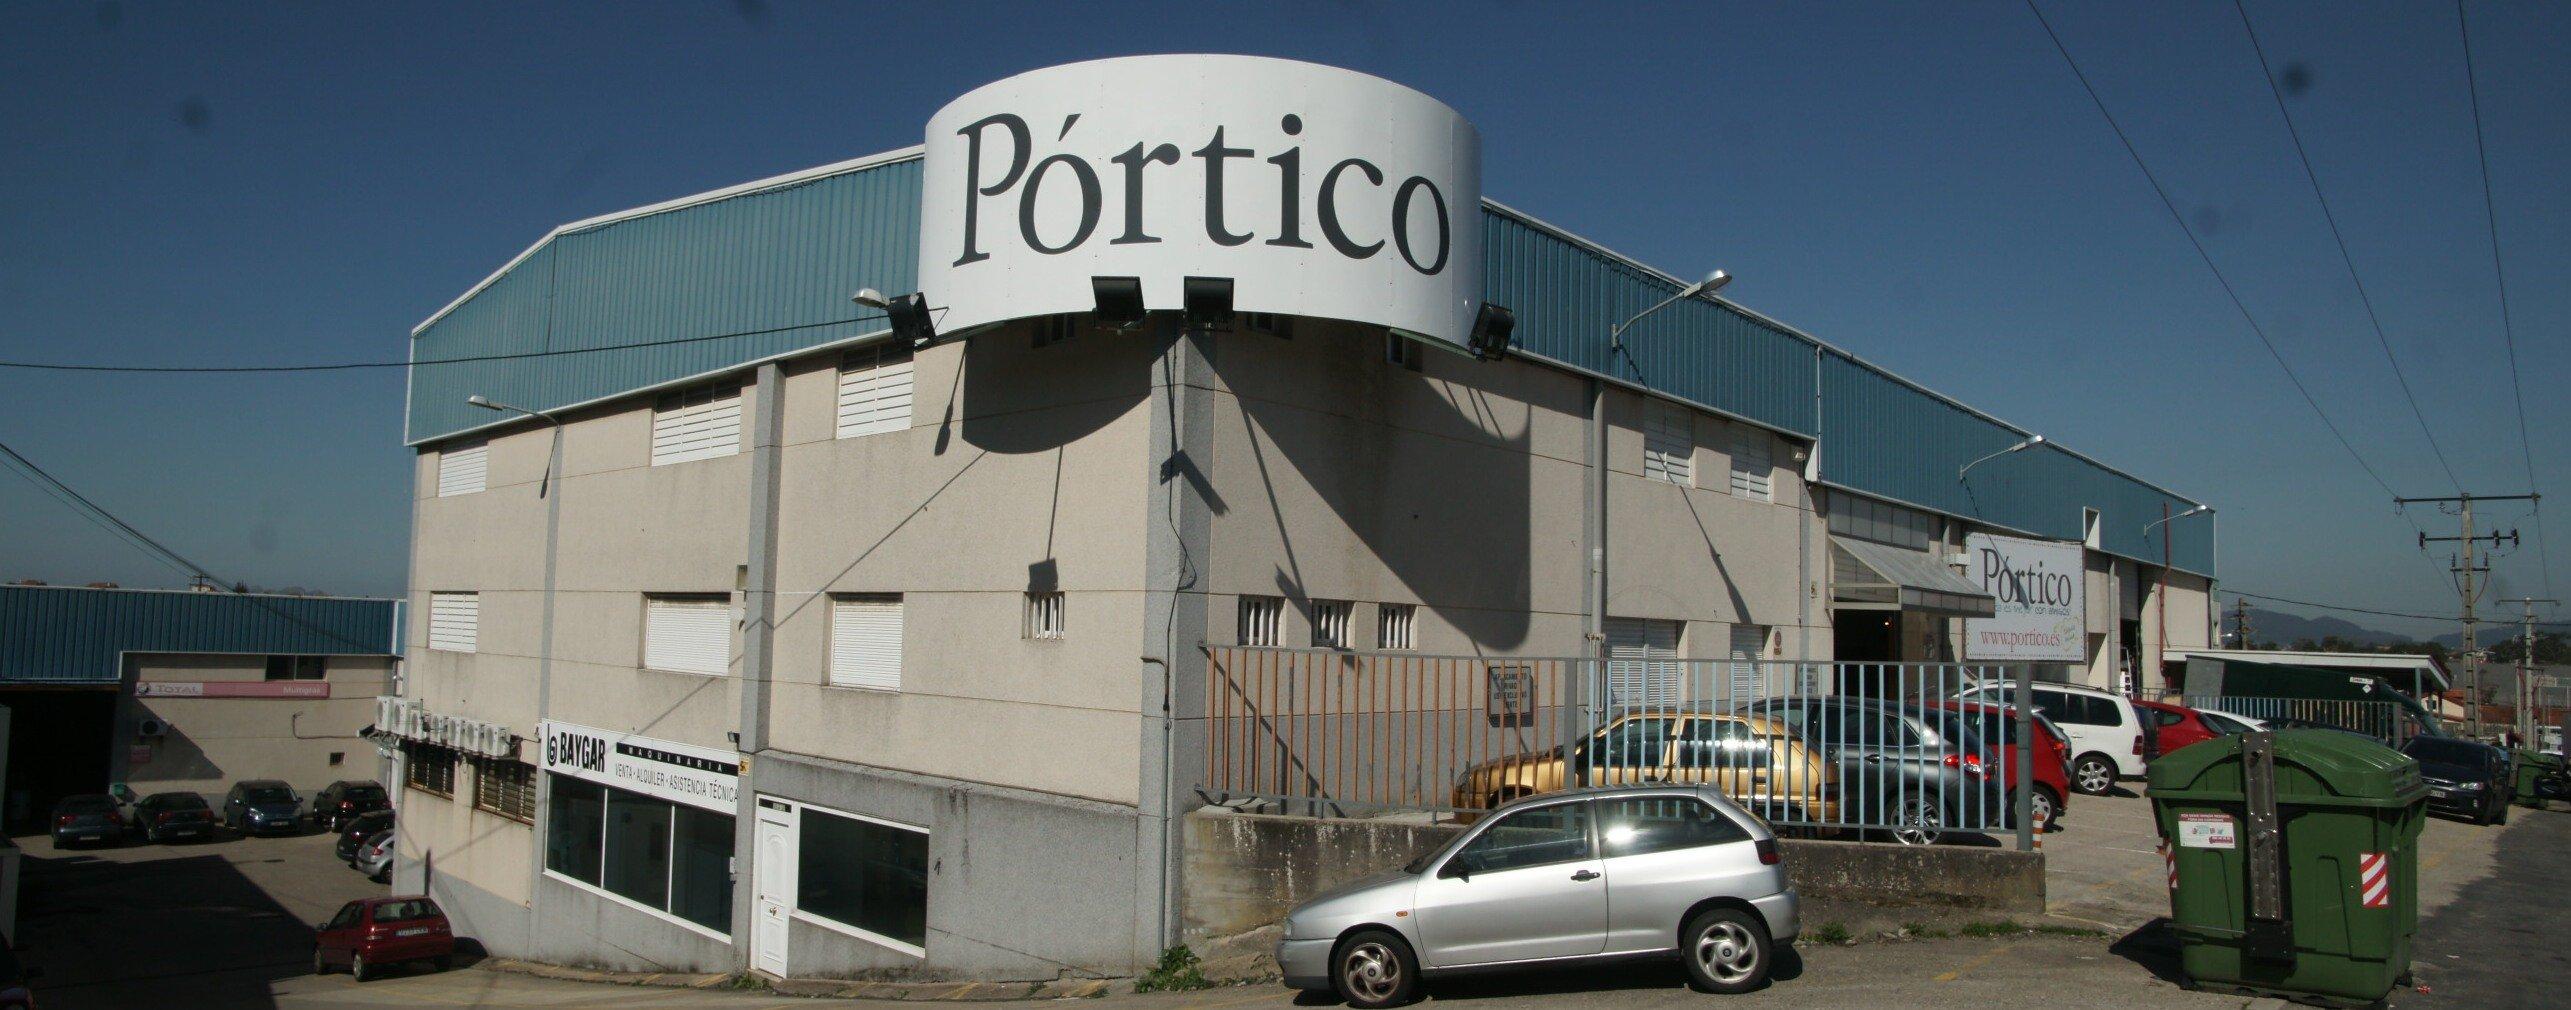 El juez da 15 d as para presentar el plan de liquidaci n for Portico vigo catalogo